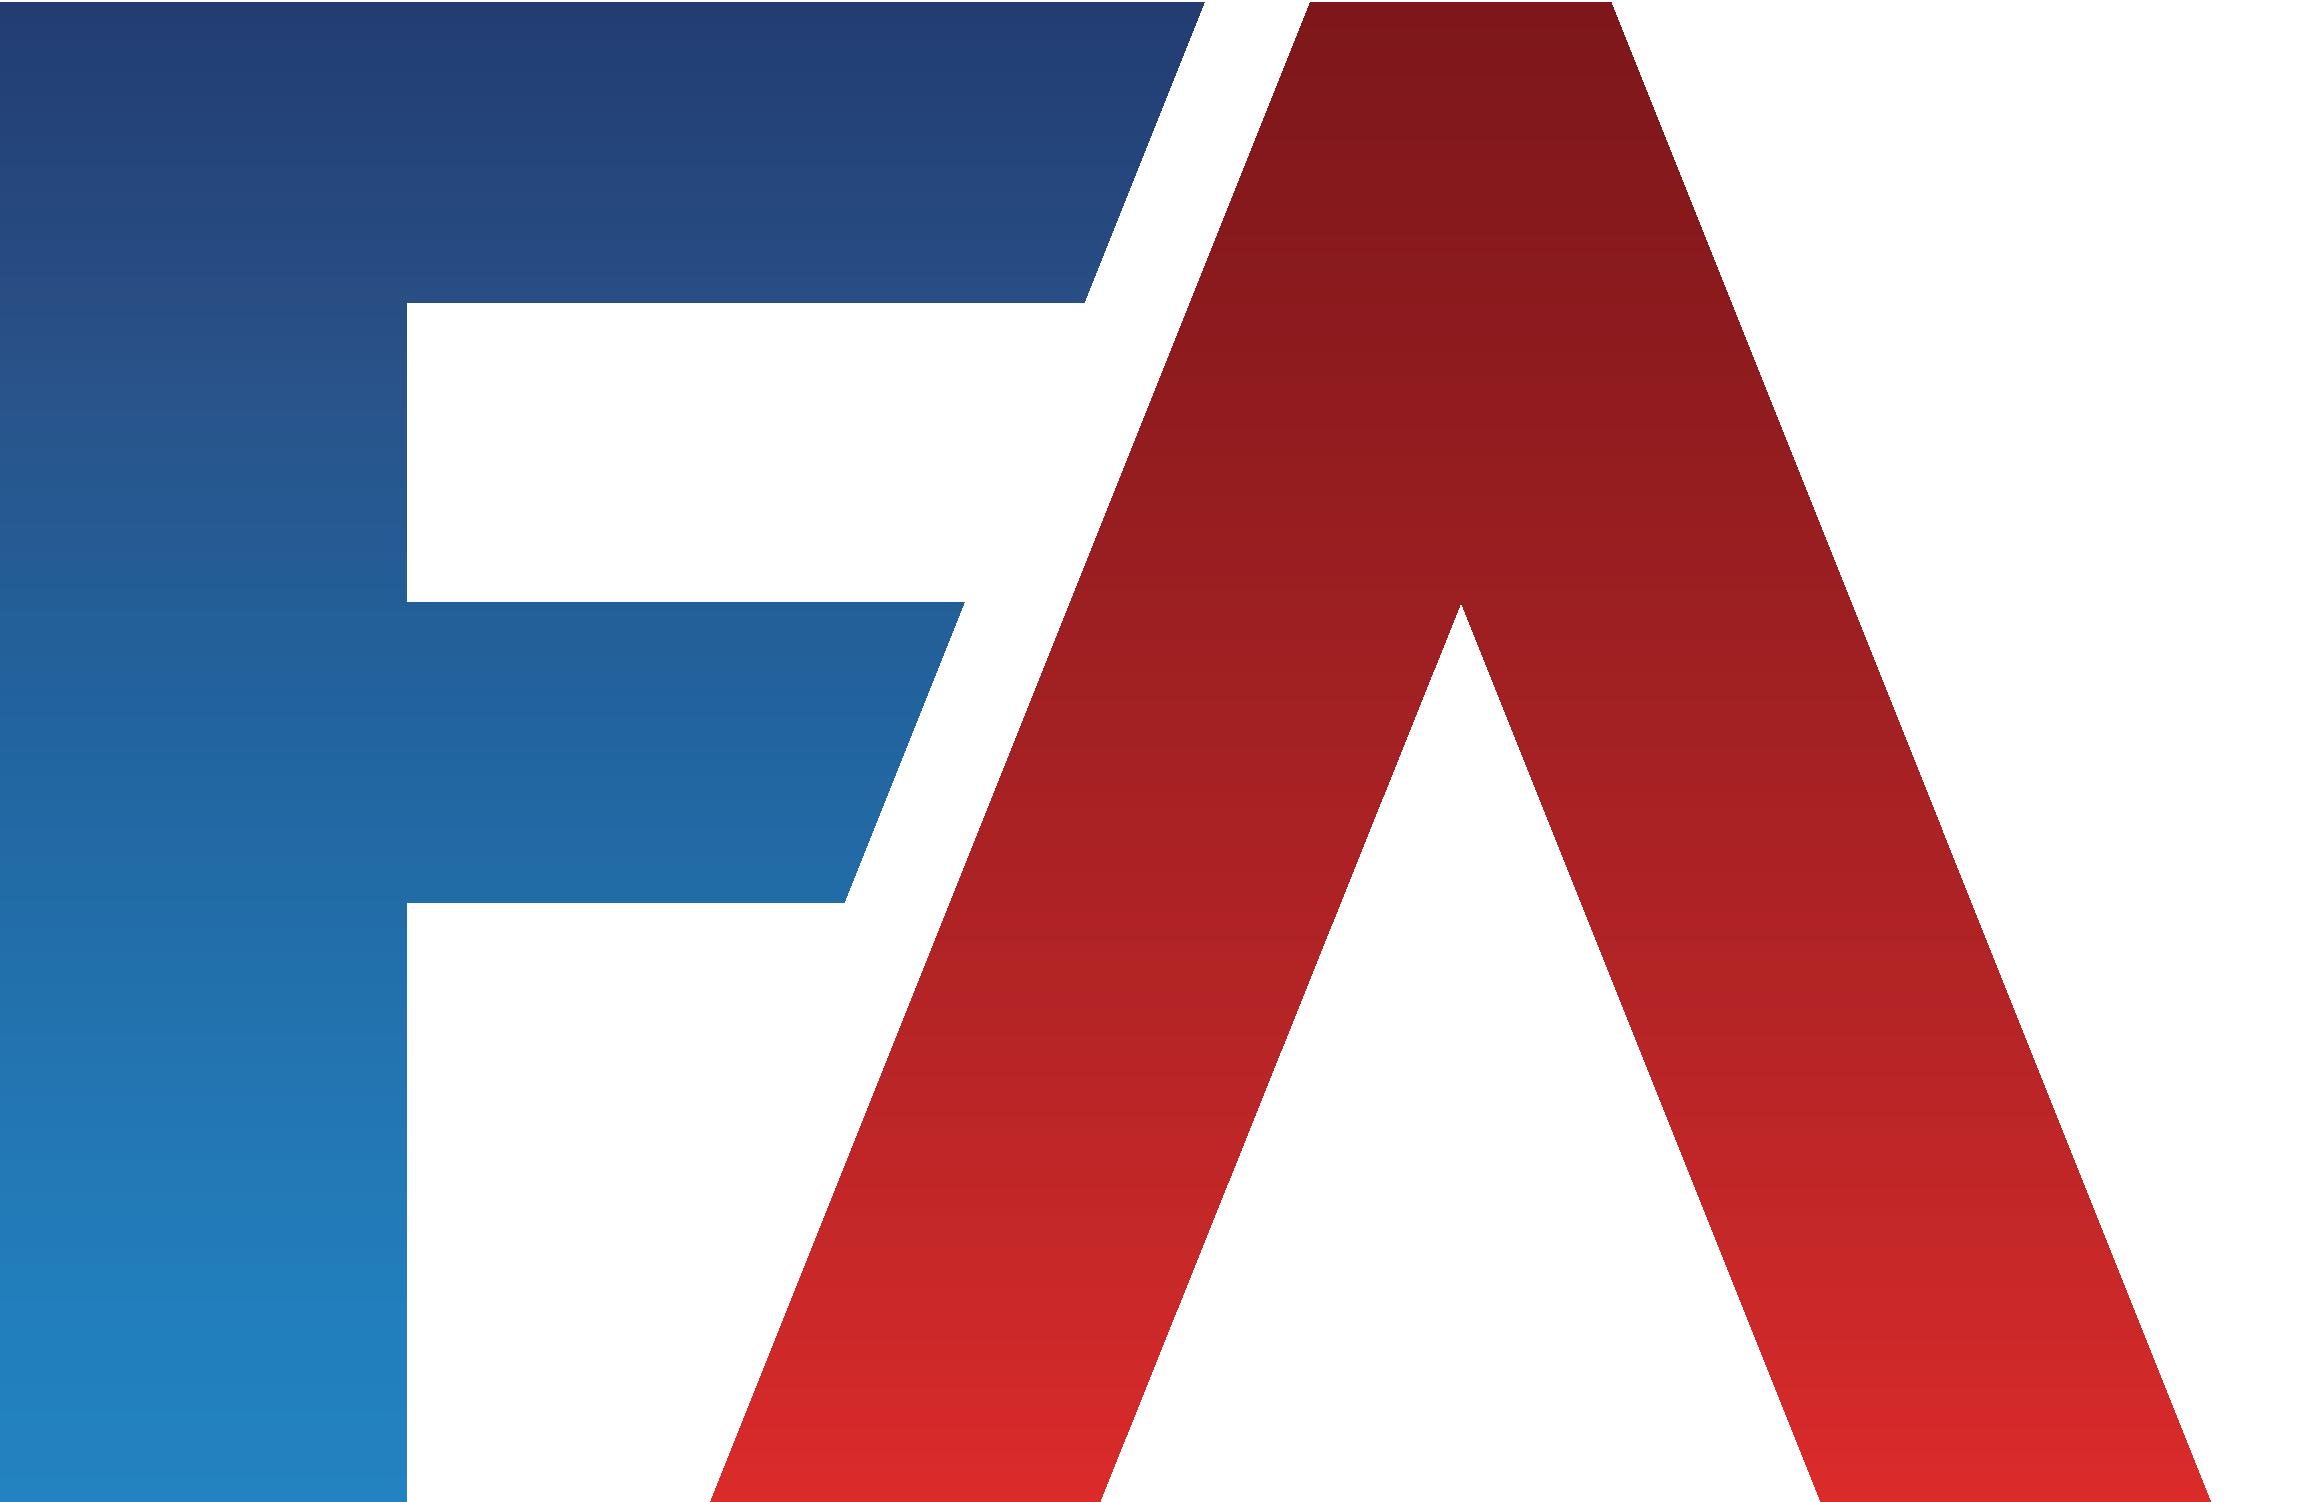 Greg Zuerlein - K | FantasyAlarm.com